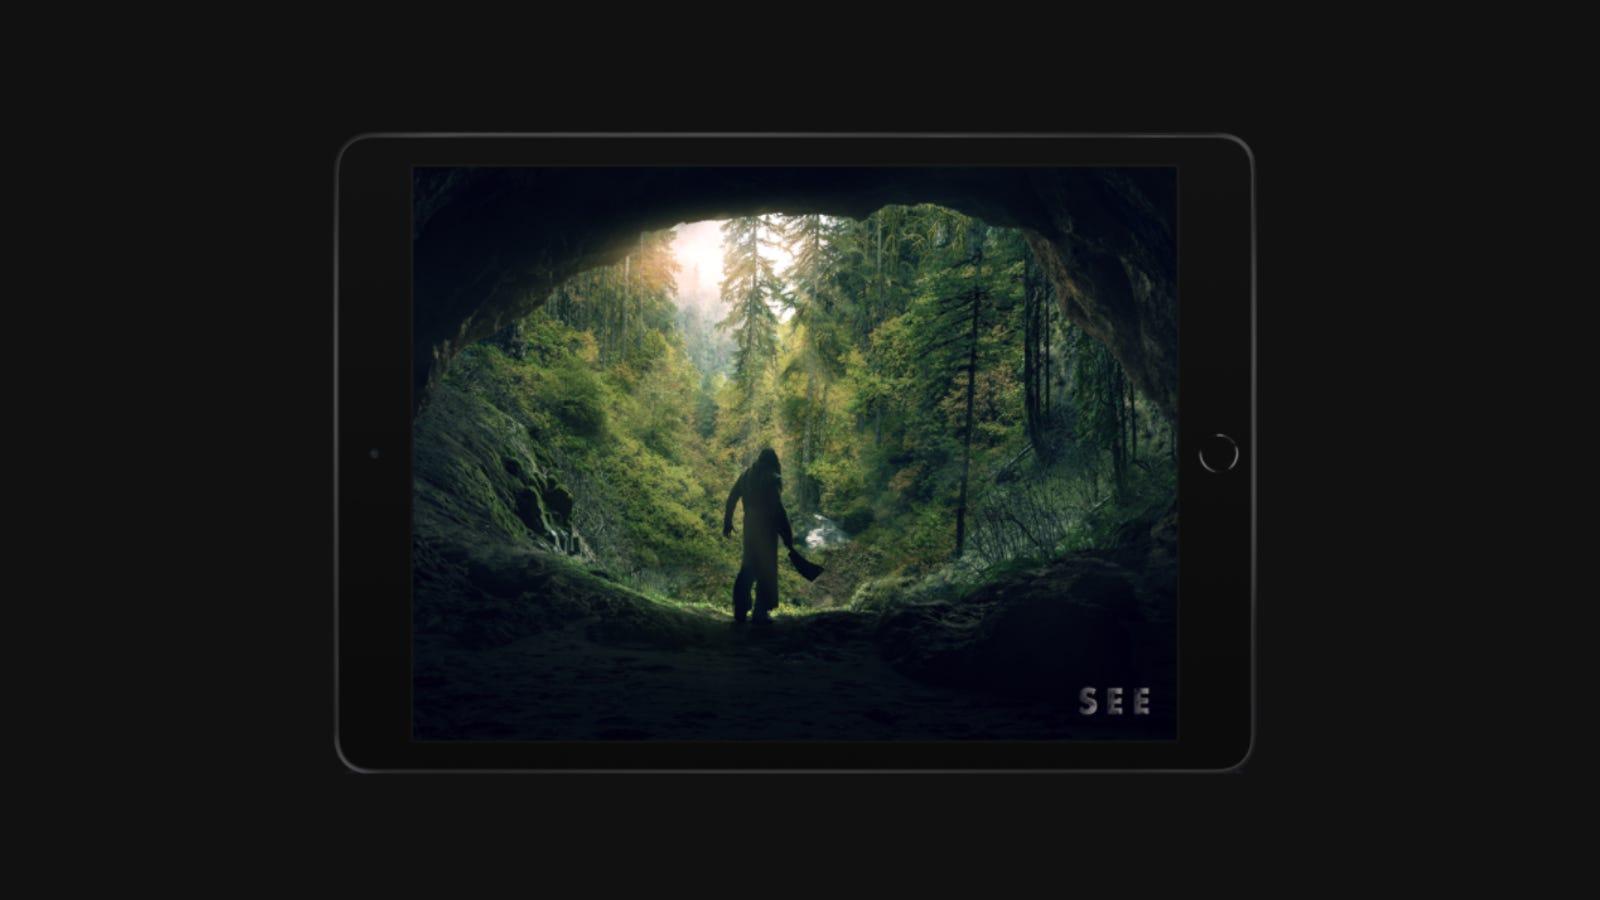 TV Show on iPad